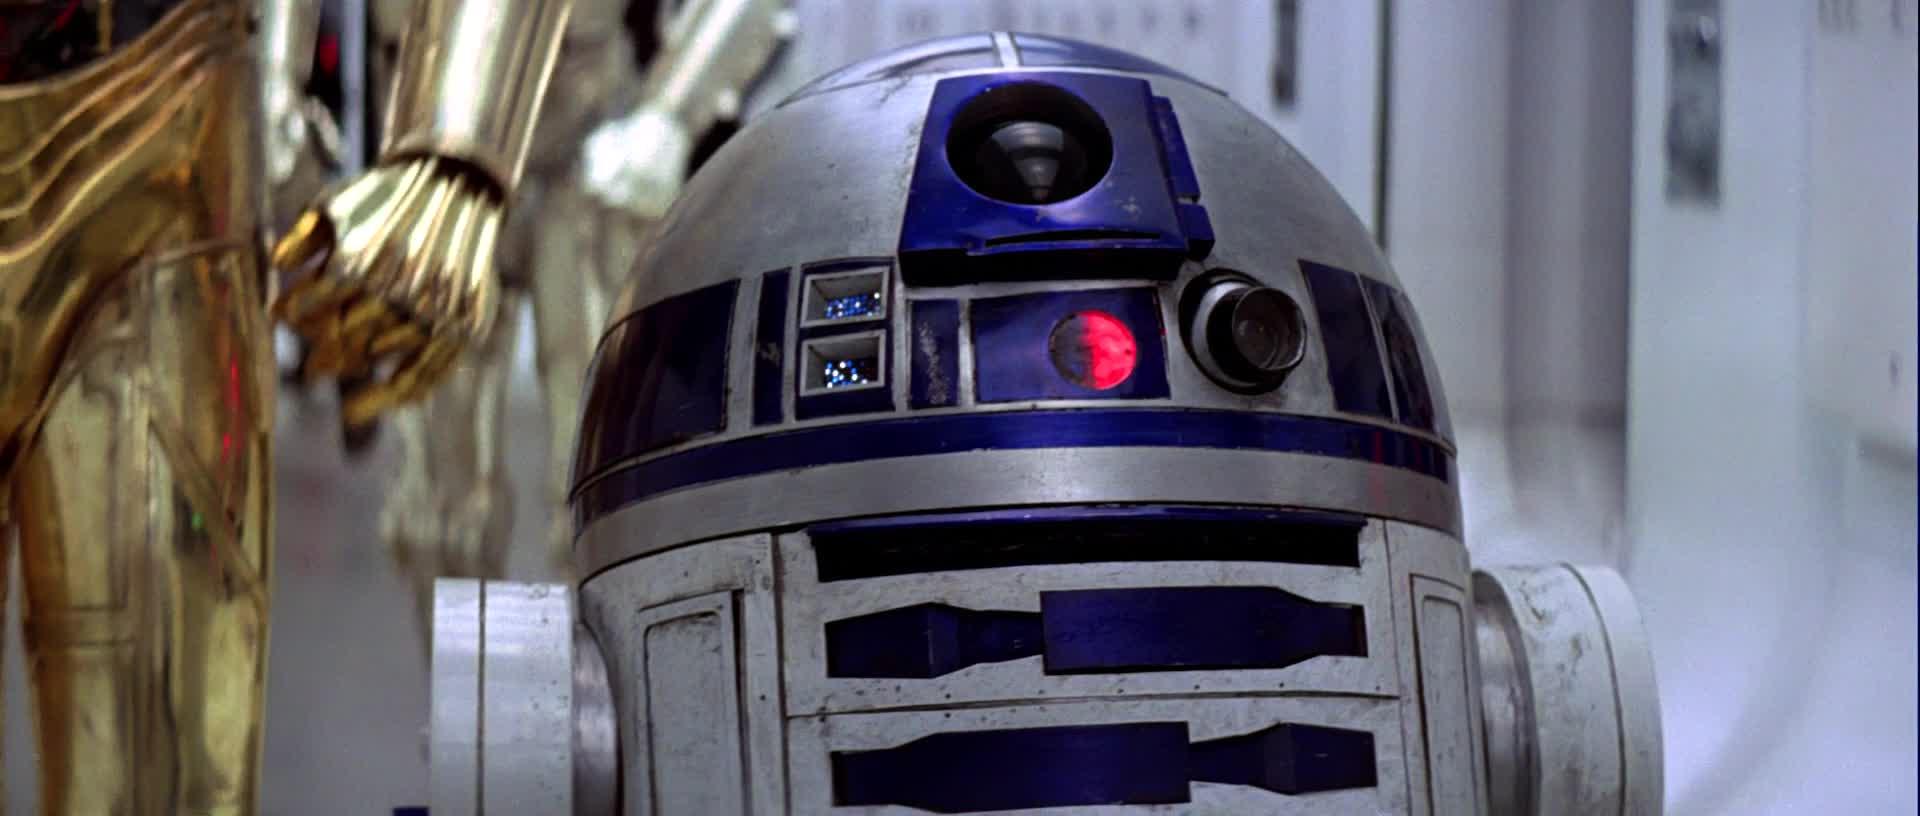 Gwiezdne Wojny: Część IV - Nowa nadzieja - Star Wars: Episode IV - A New Hope